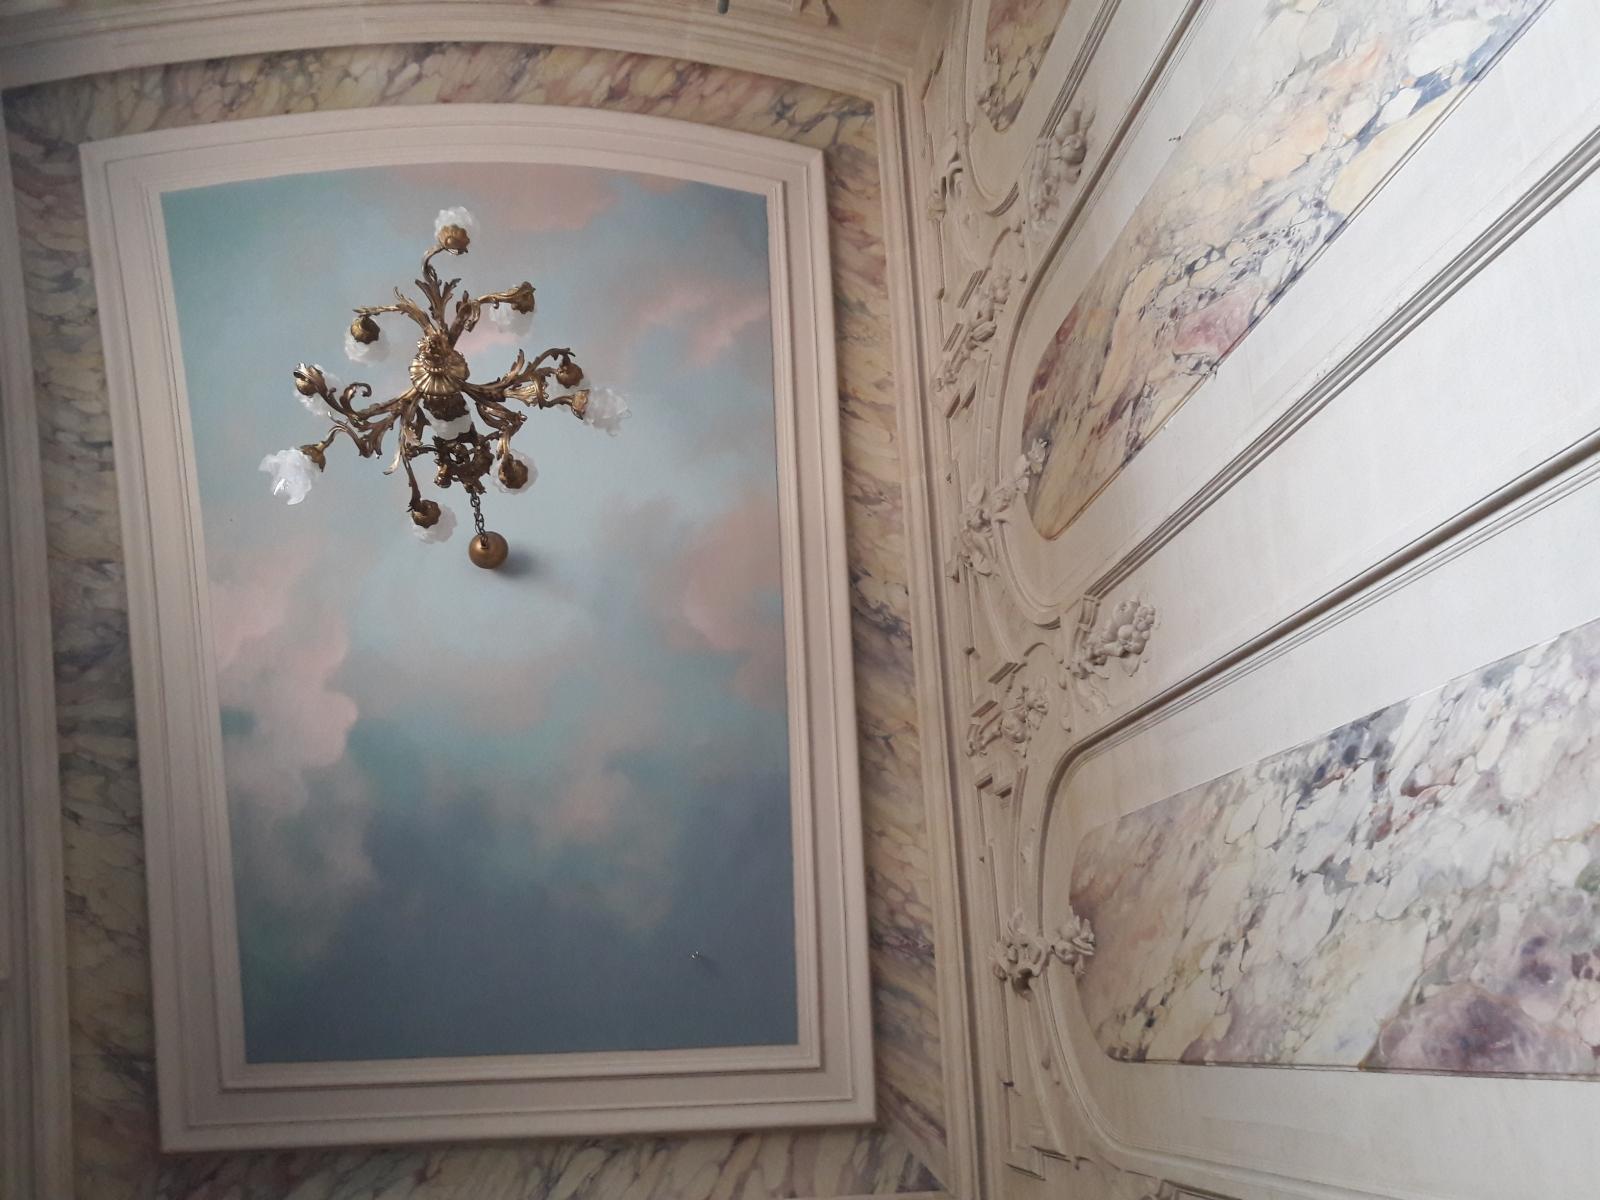 Décor Plafond château particulier- fresque en trompe l'oeil